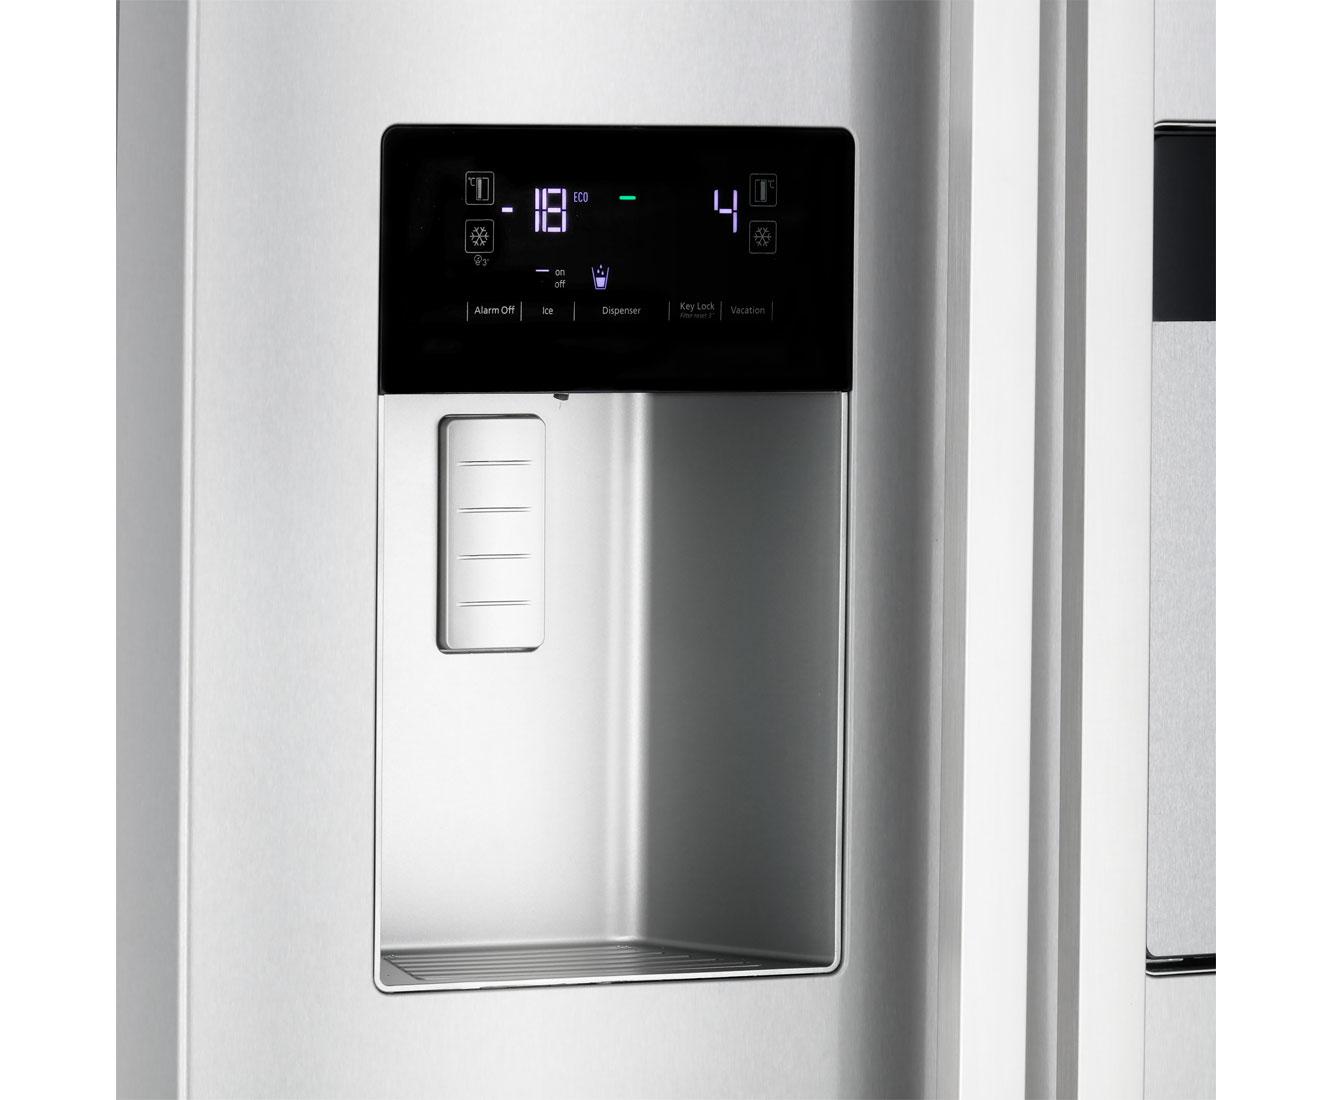 Amerikanischer Kühlschrank Beko : Beko gn 162431 zx side by side freistehend edelstahl ebay